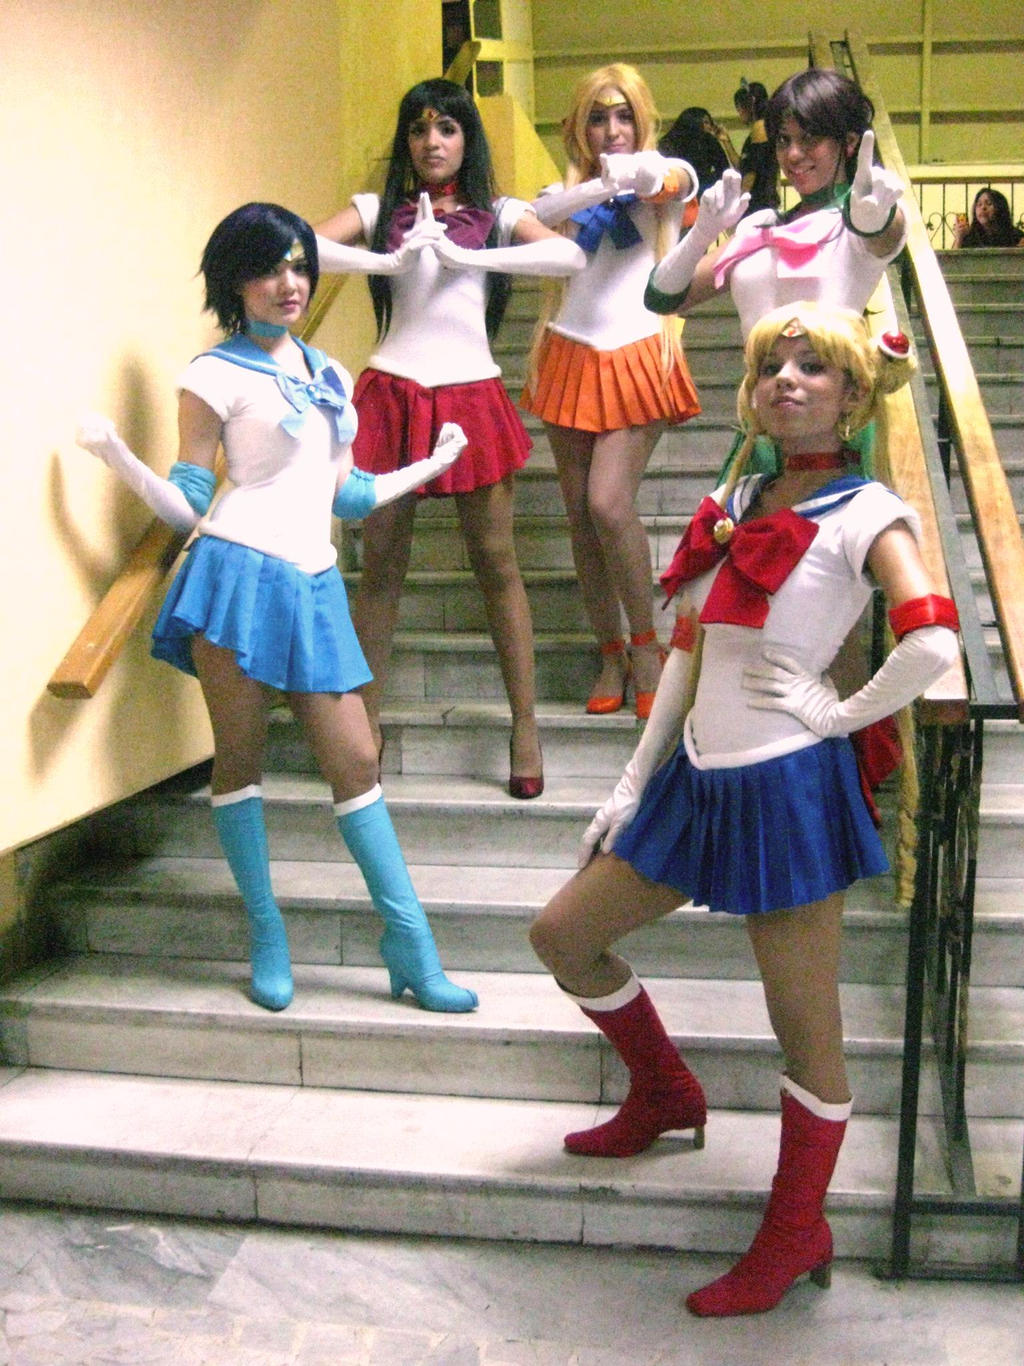 Bishoujo Senshi Sailors Scouts Cosplay by Kathepro on ...